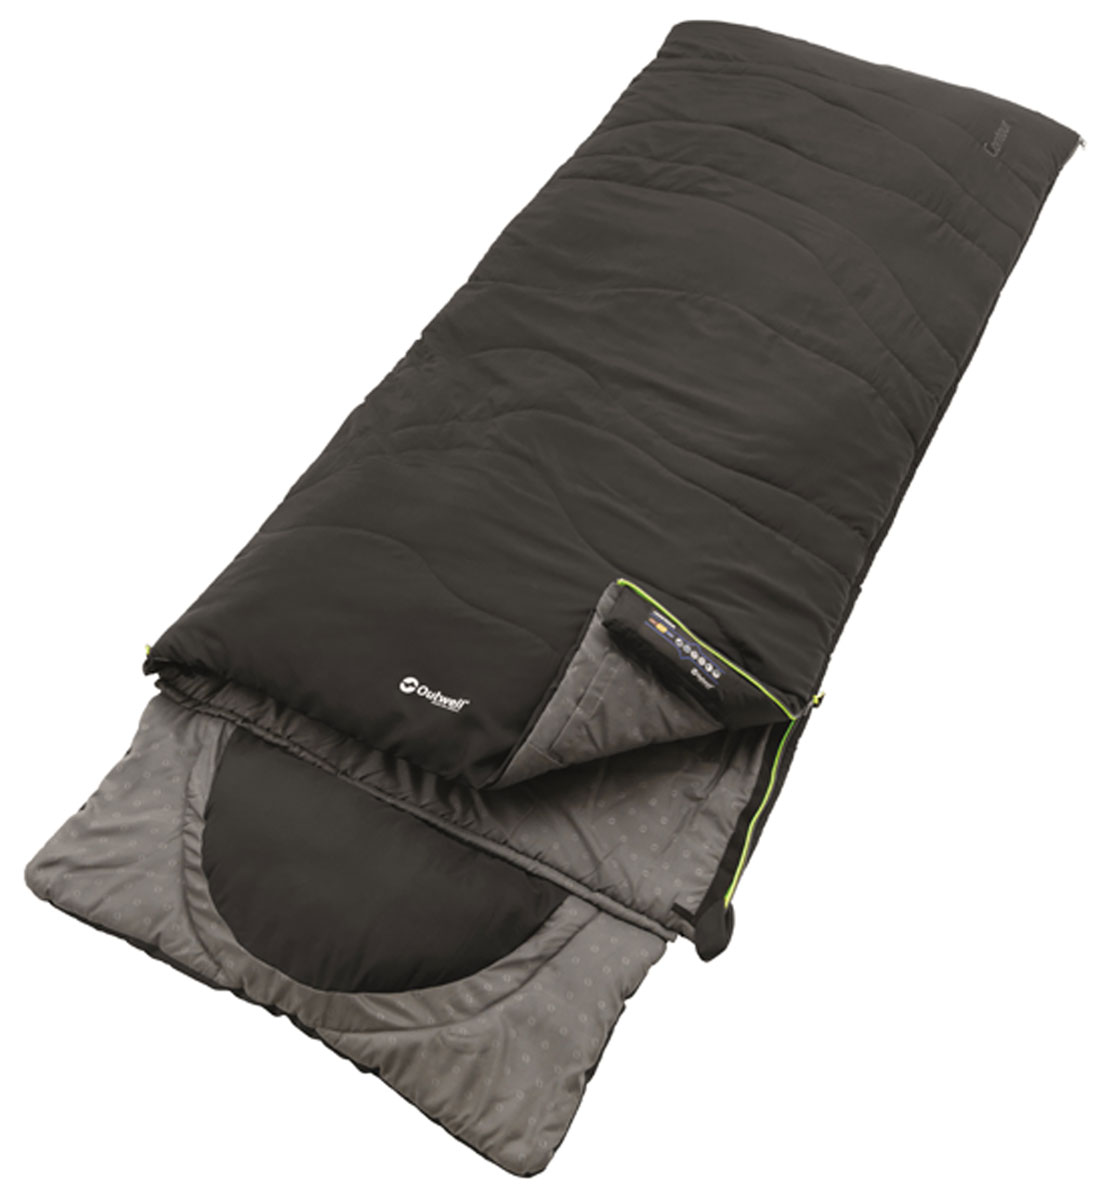 Спальный мешок-одеяло Outwell Contour, с подголовником, цвет: черный, правосторонняя молния, 225 х 90 см мешок спальный onlitop богатырь правосторонняя молния цвет хаки 225 х 105 см